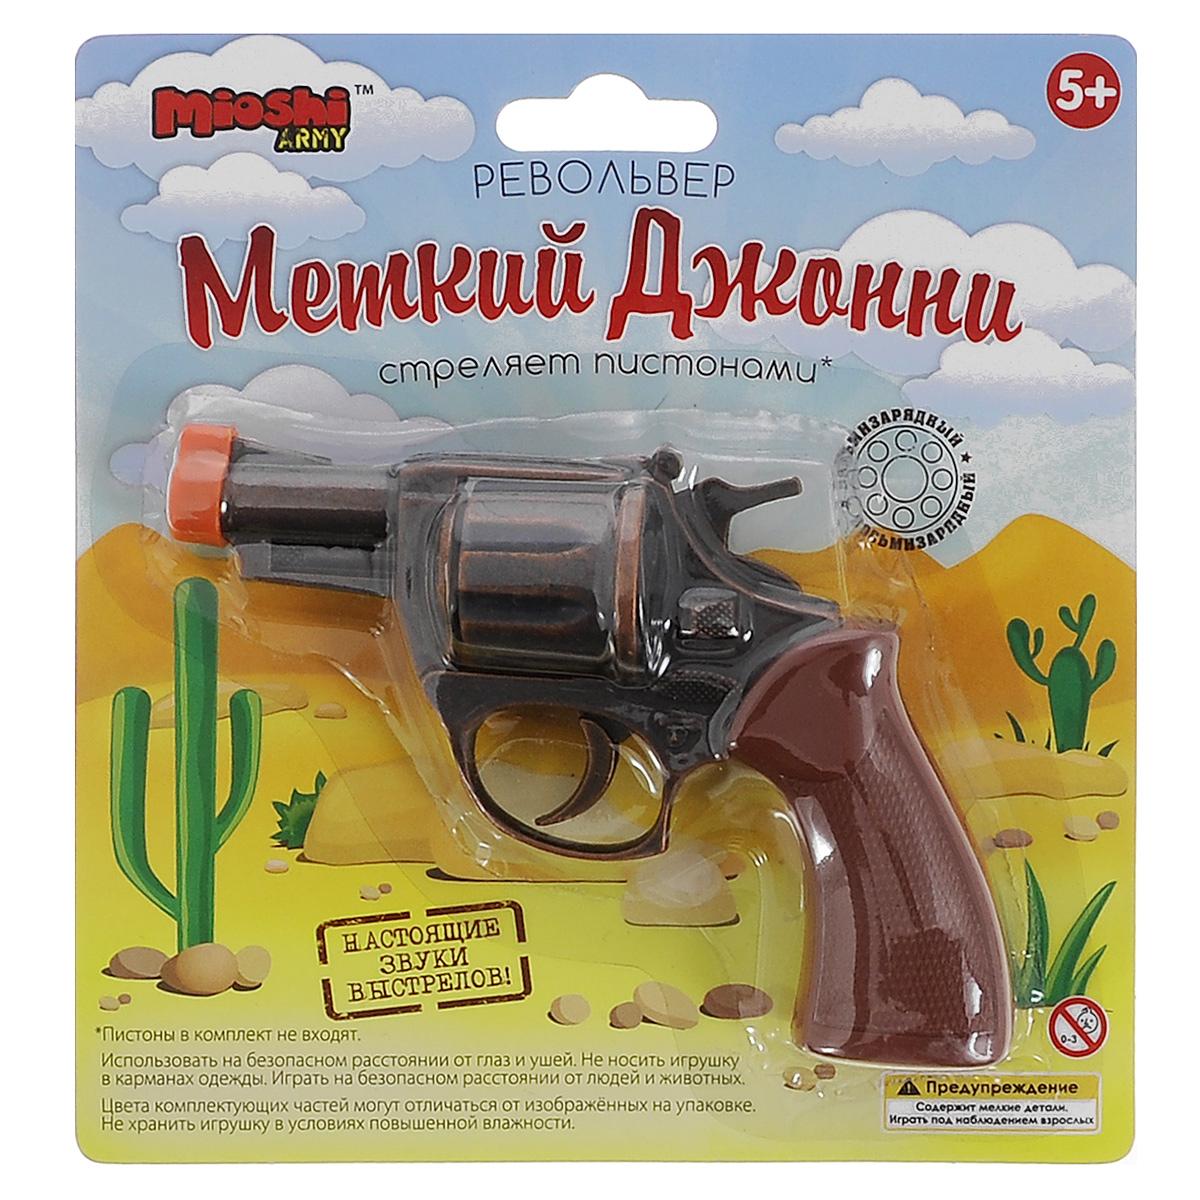 Револьвер Mioshi Army Меткий Джони, цвет: коричневыйMAR1107-006Восьмизарядный револьвер с пистонами Меткий Джони - это одновременно функциональная и безопасная игрушка. Сильный хлопок, похожий на звук настоящего выстрела, реалистичный дизайн оружия - все это не оставит равнодушным ни одного мальчика! Корпус и барабан пистолета выполнены из прочного металла.